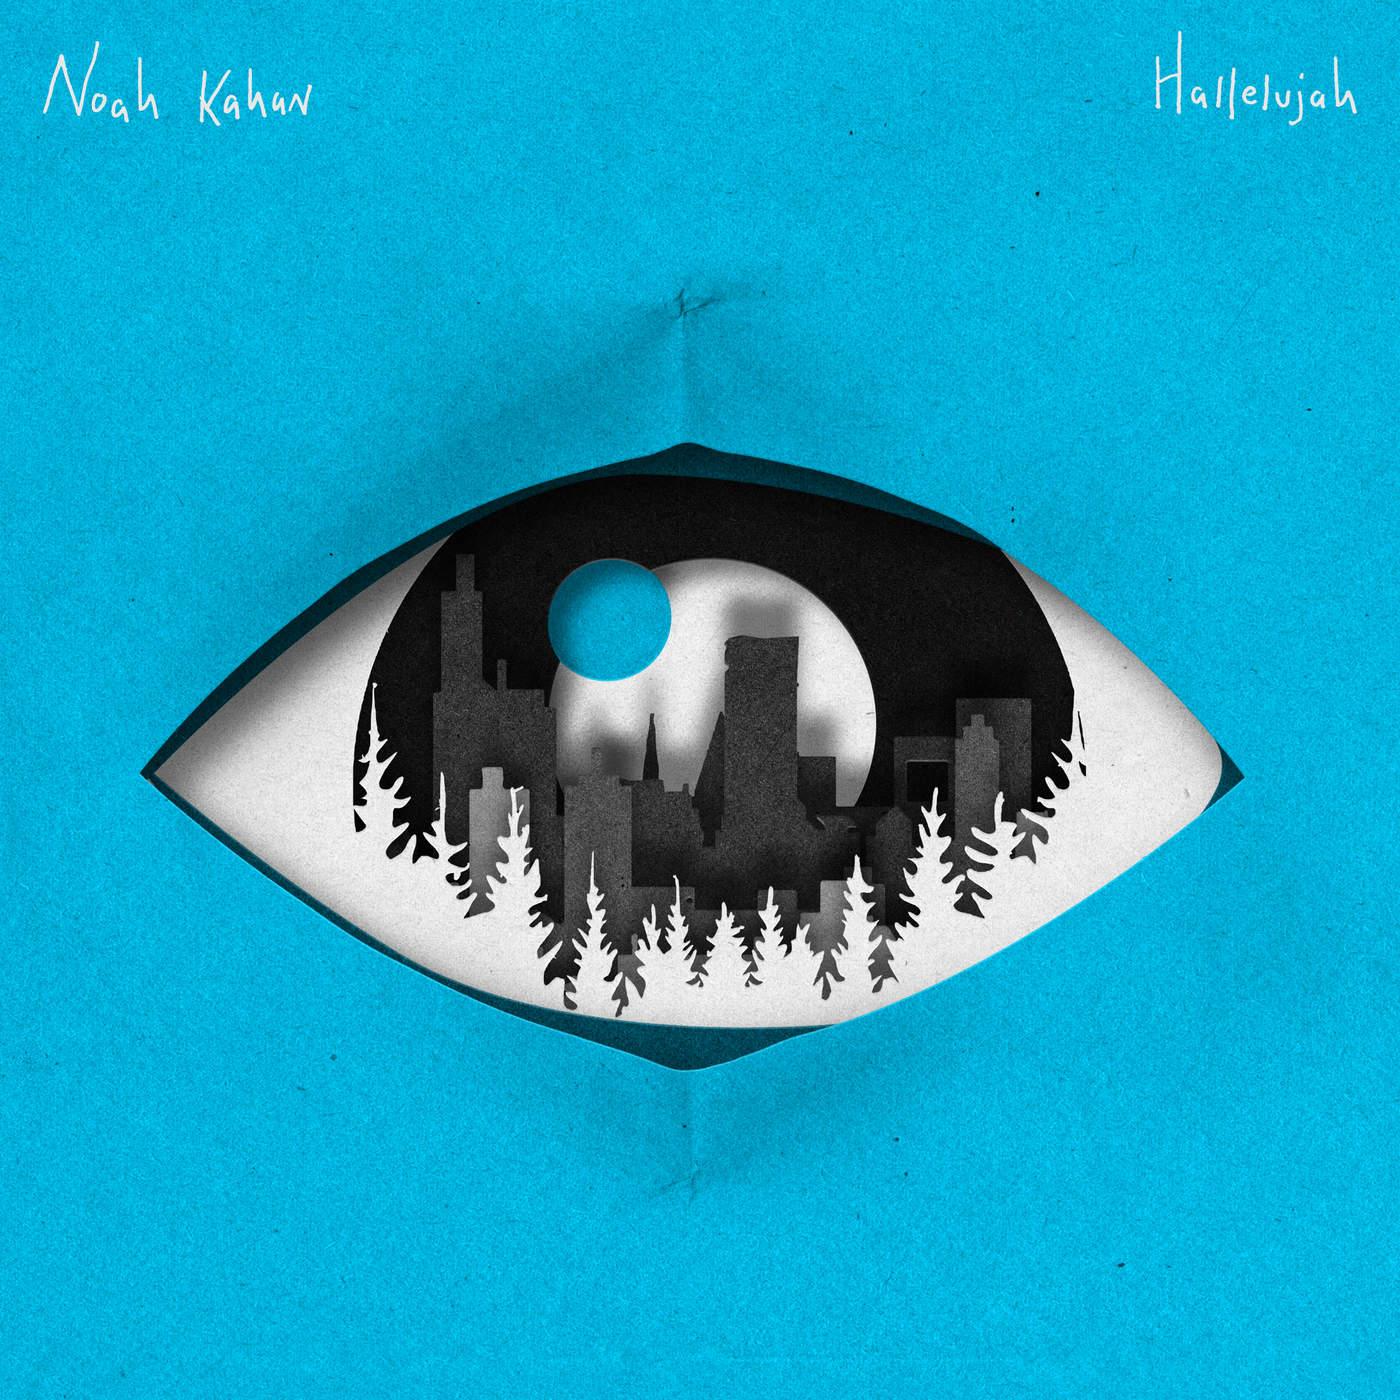 Hallelujah - Single by Kristii on Apple Music